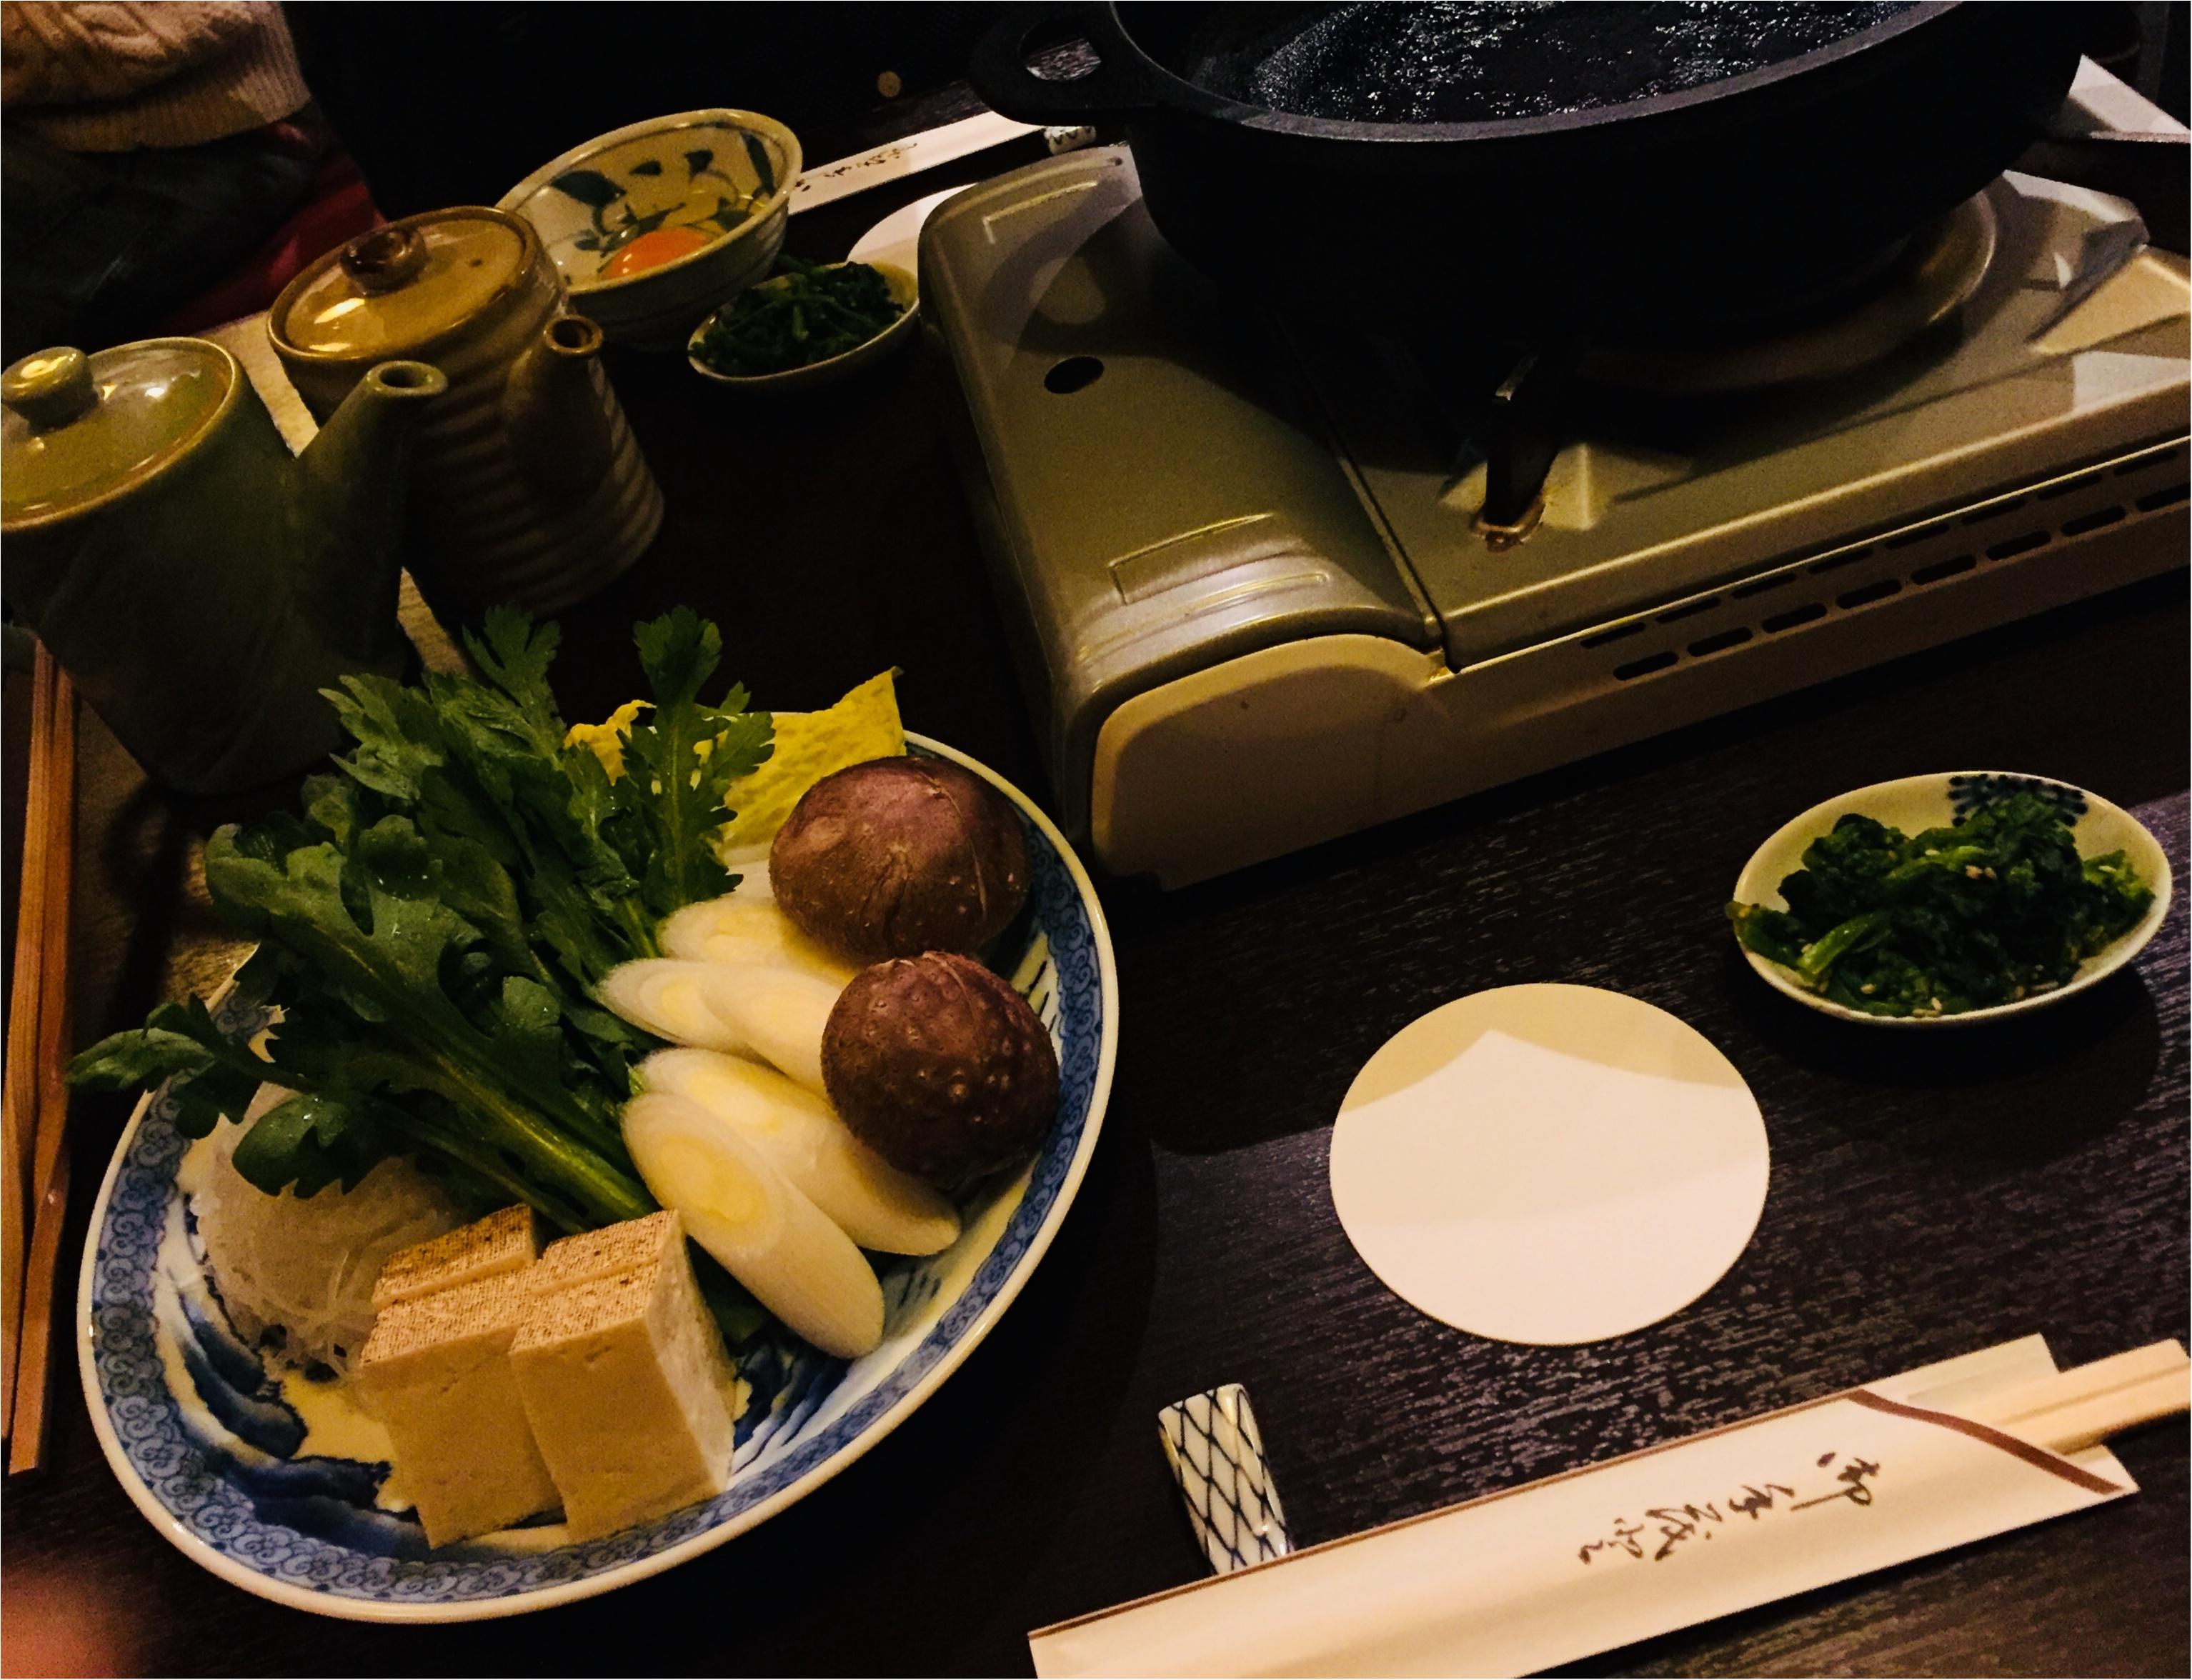 【東京/新宿/絶品すき焼き】asuが自信を持っておすすめ☝︎本物の美味しさと人の温かさを感じられるステキなお店はこちらです❤︎_1_1